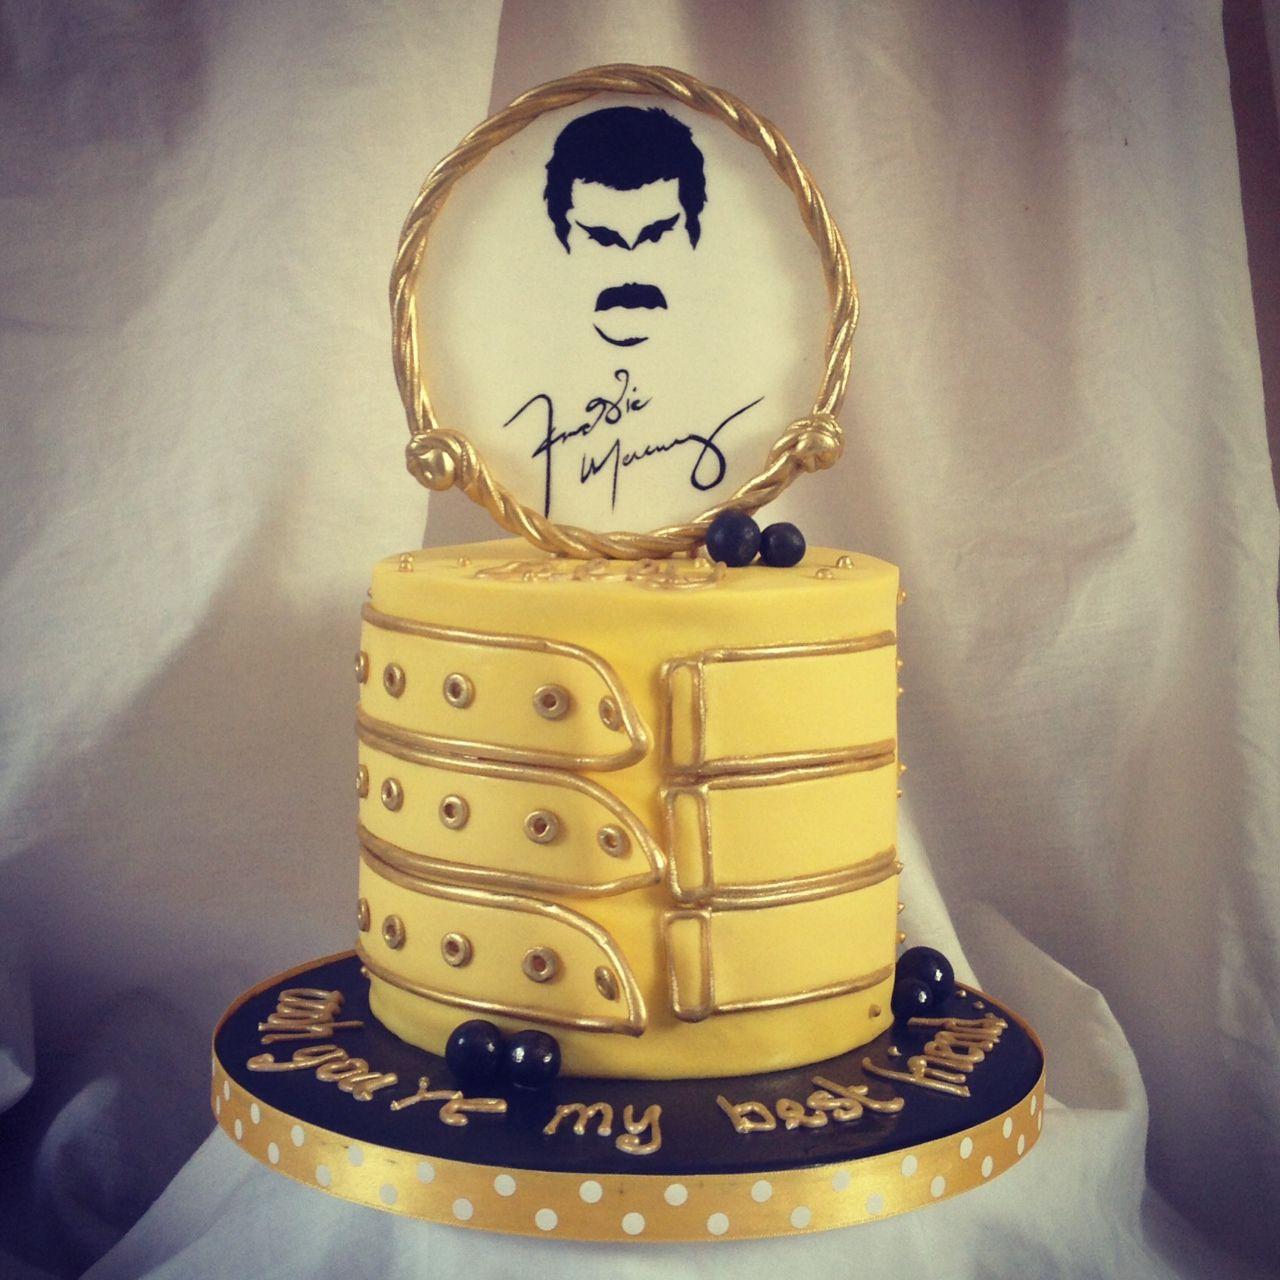 Freddie Mercury birthday cake for a best friend Freddie